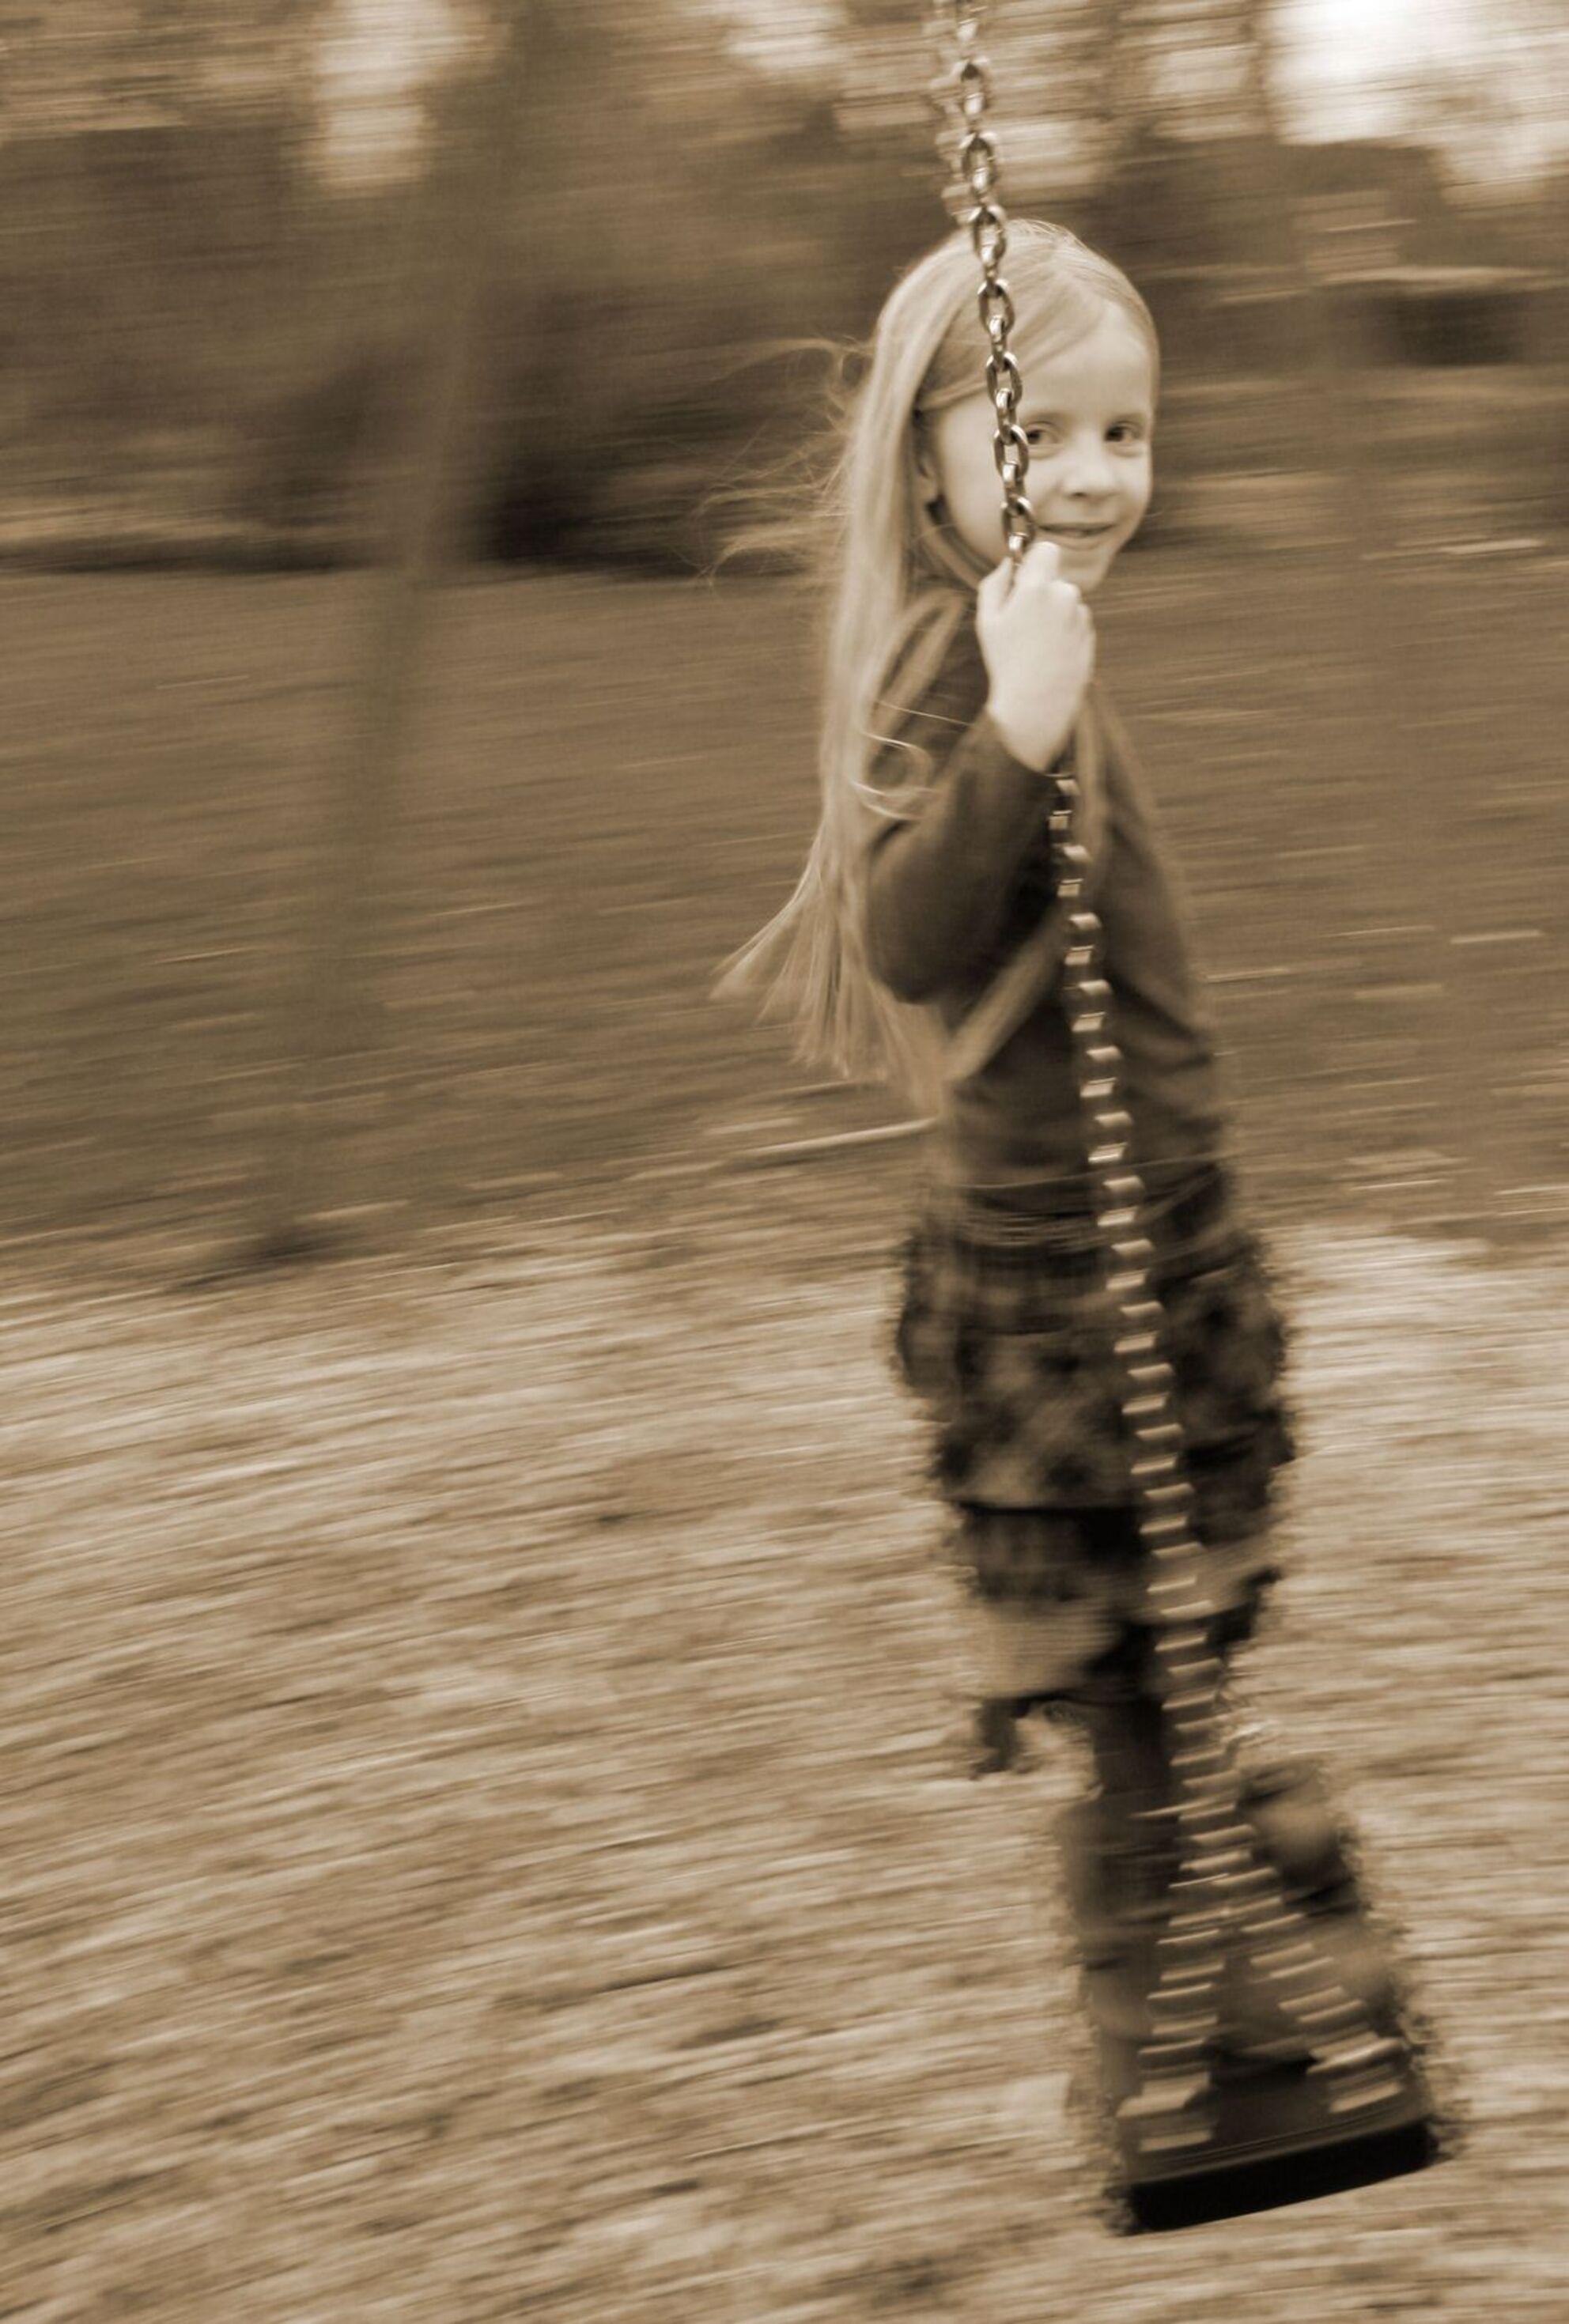 Vervlogen tijd - Foto van mijn nichtje tijdens het schommelen. - foto door Esje87 op 22-06-2011 - deze foto bevat: portret, technisch